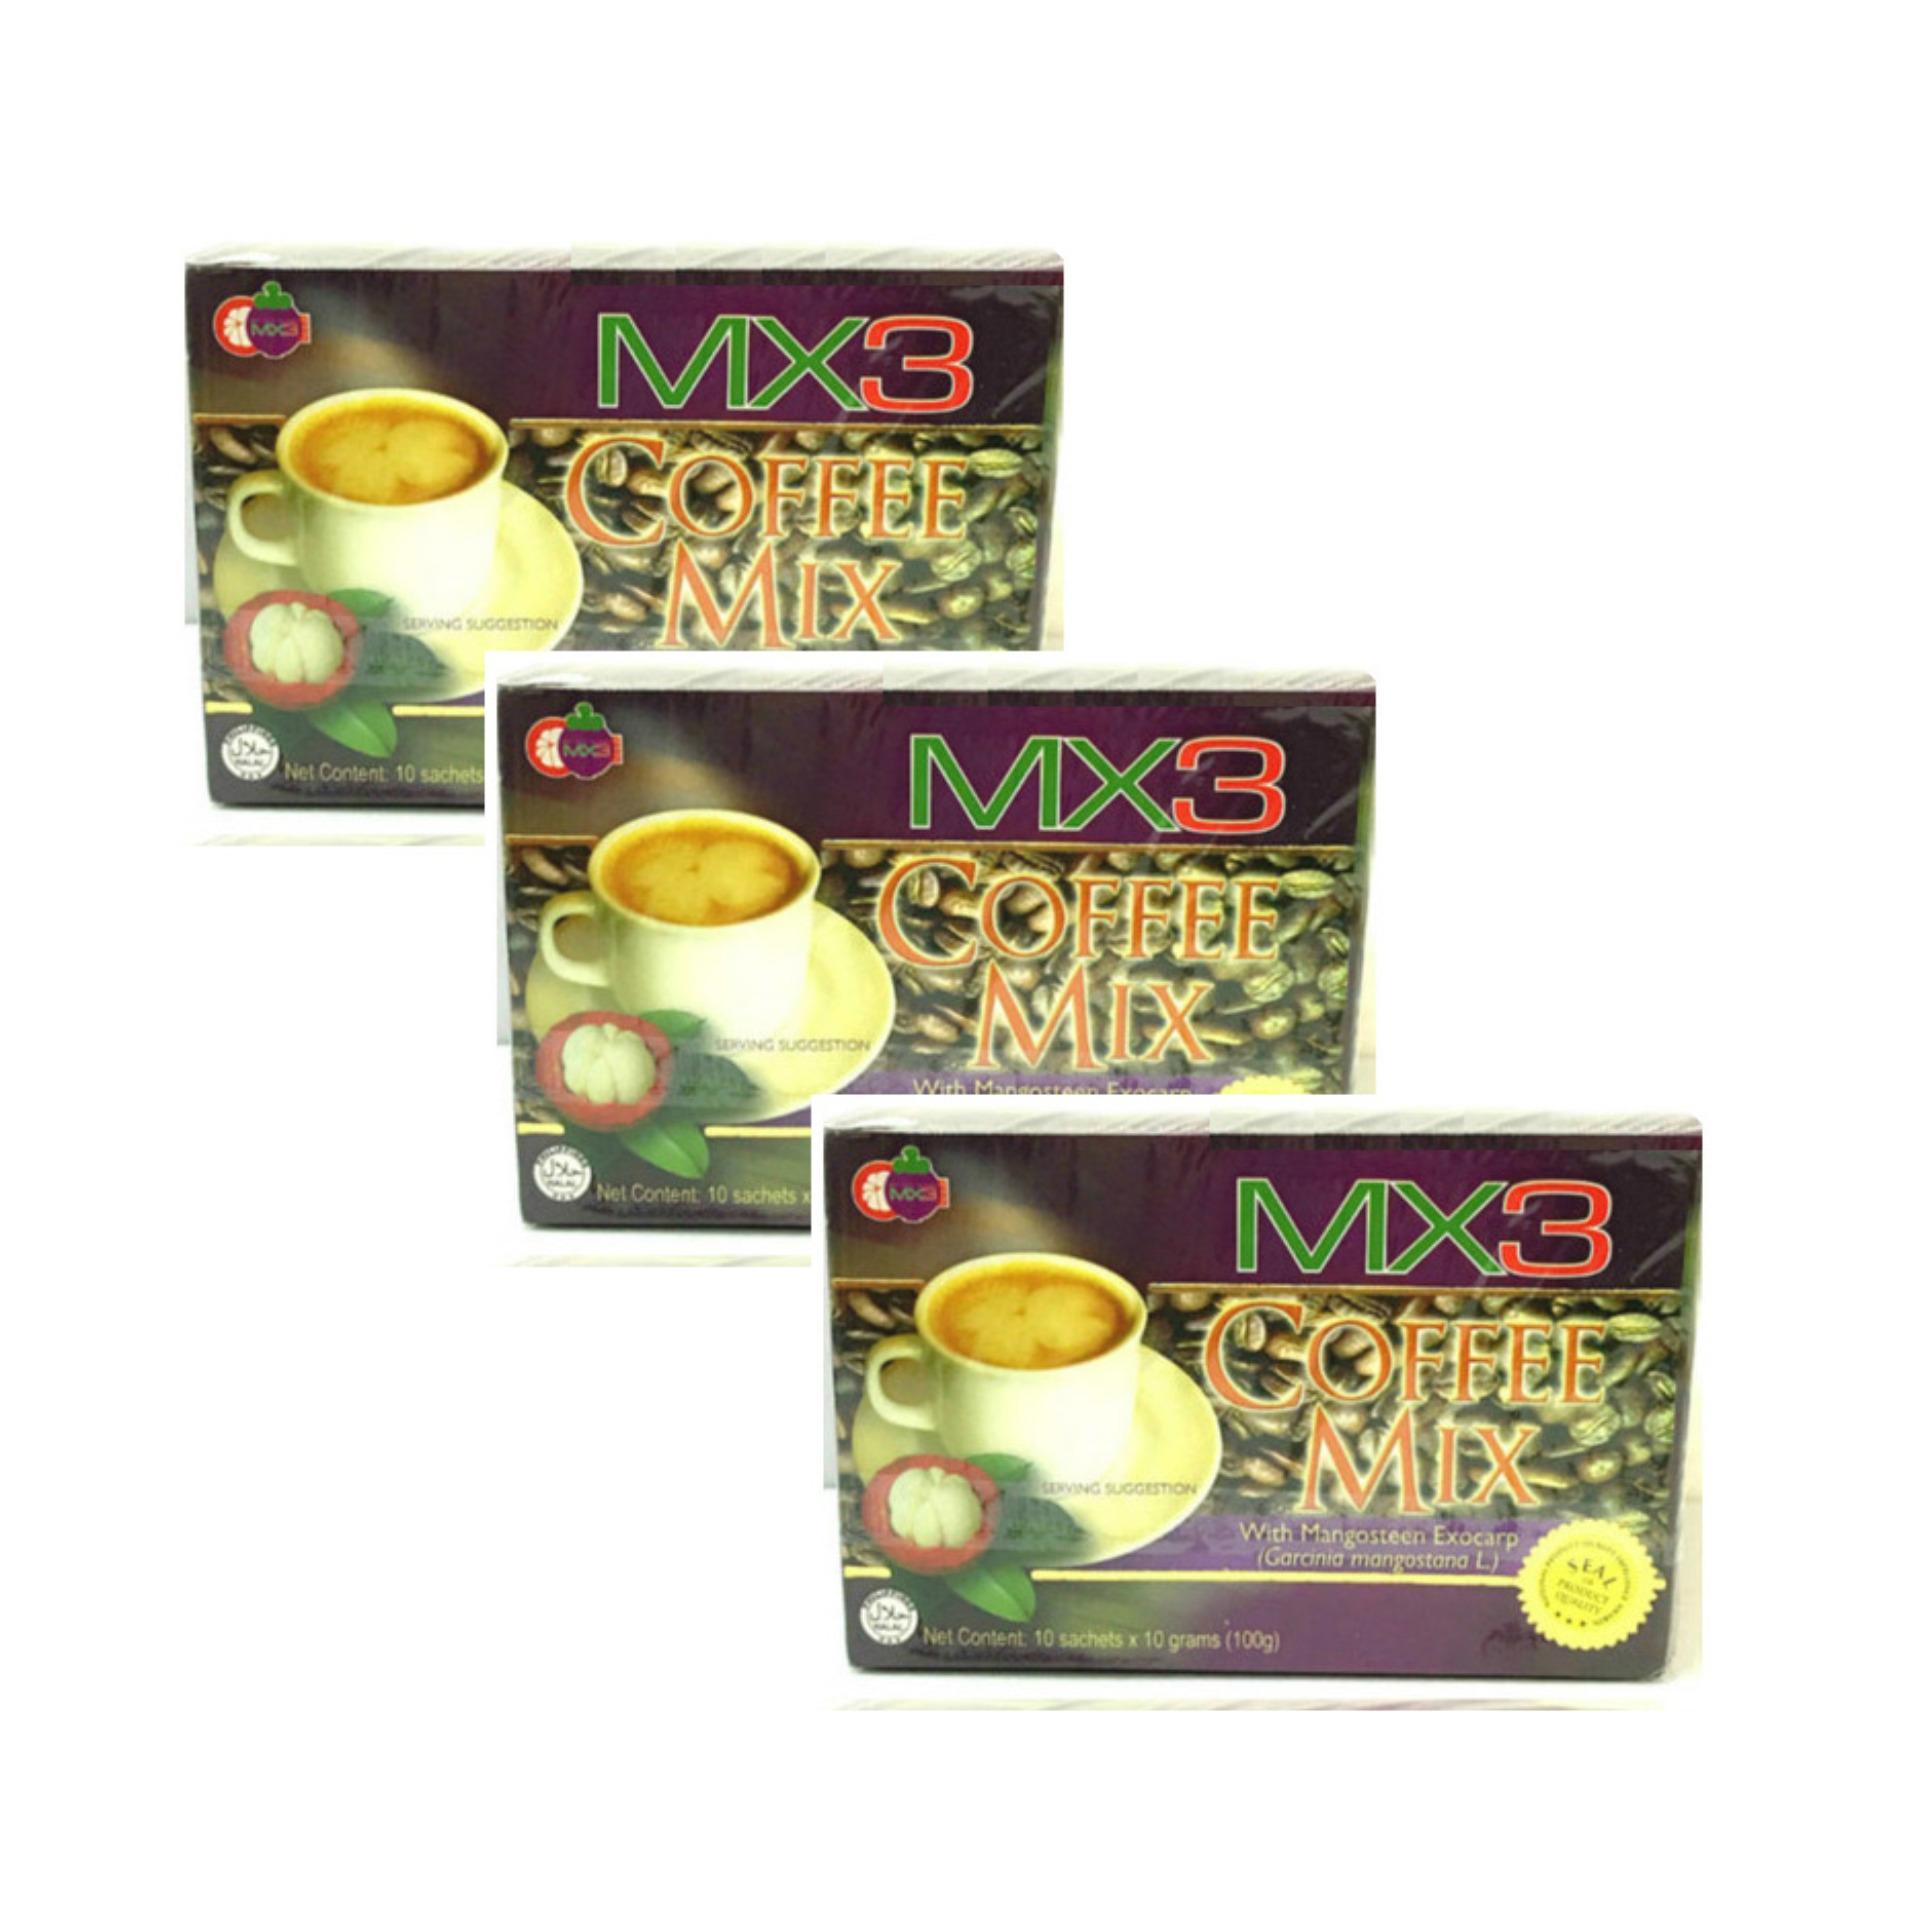 Mx3 Capsule Price